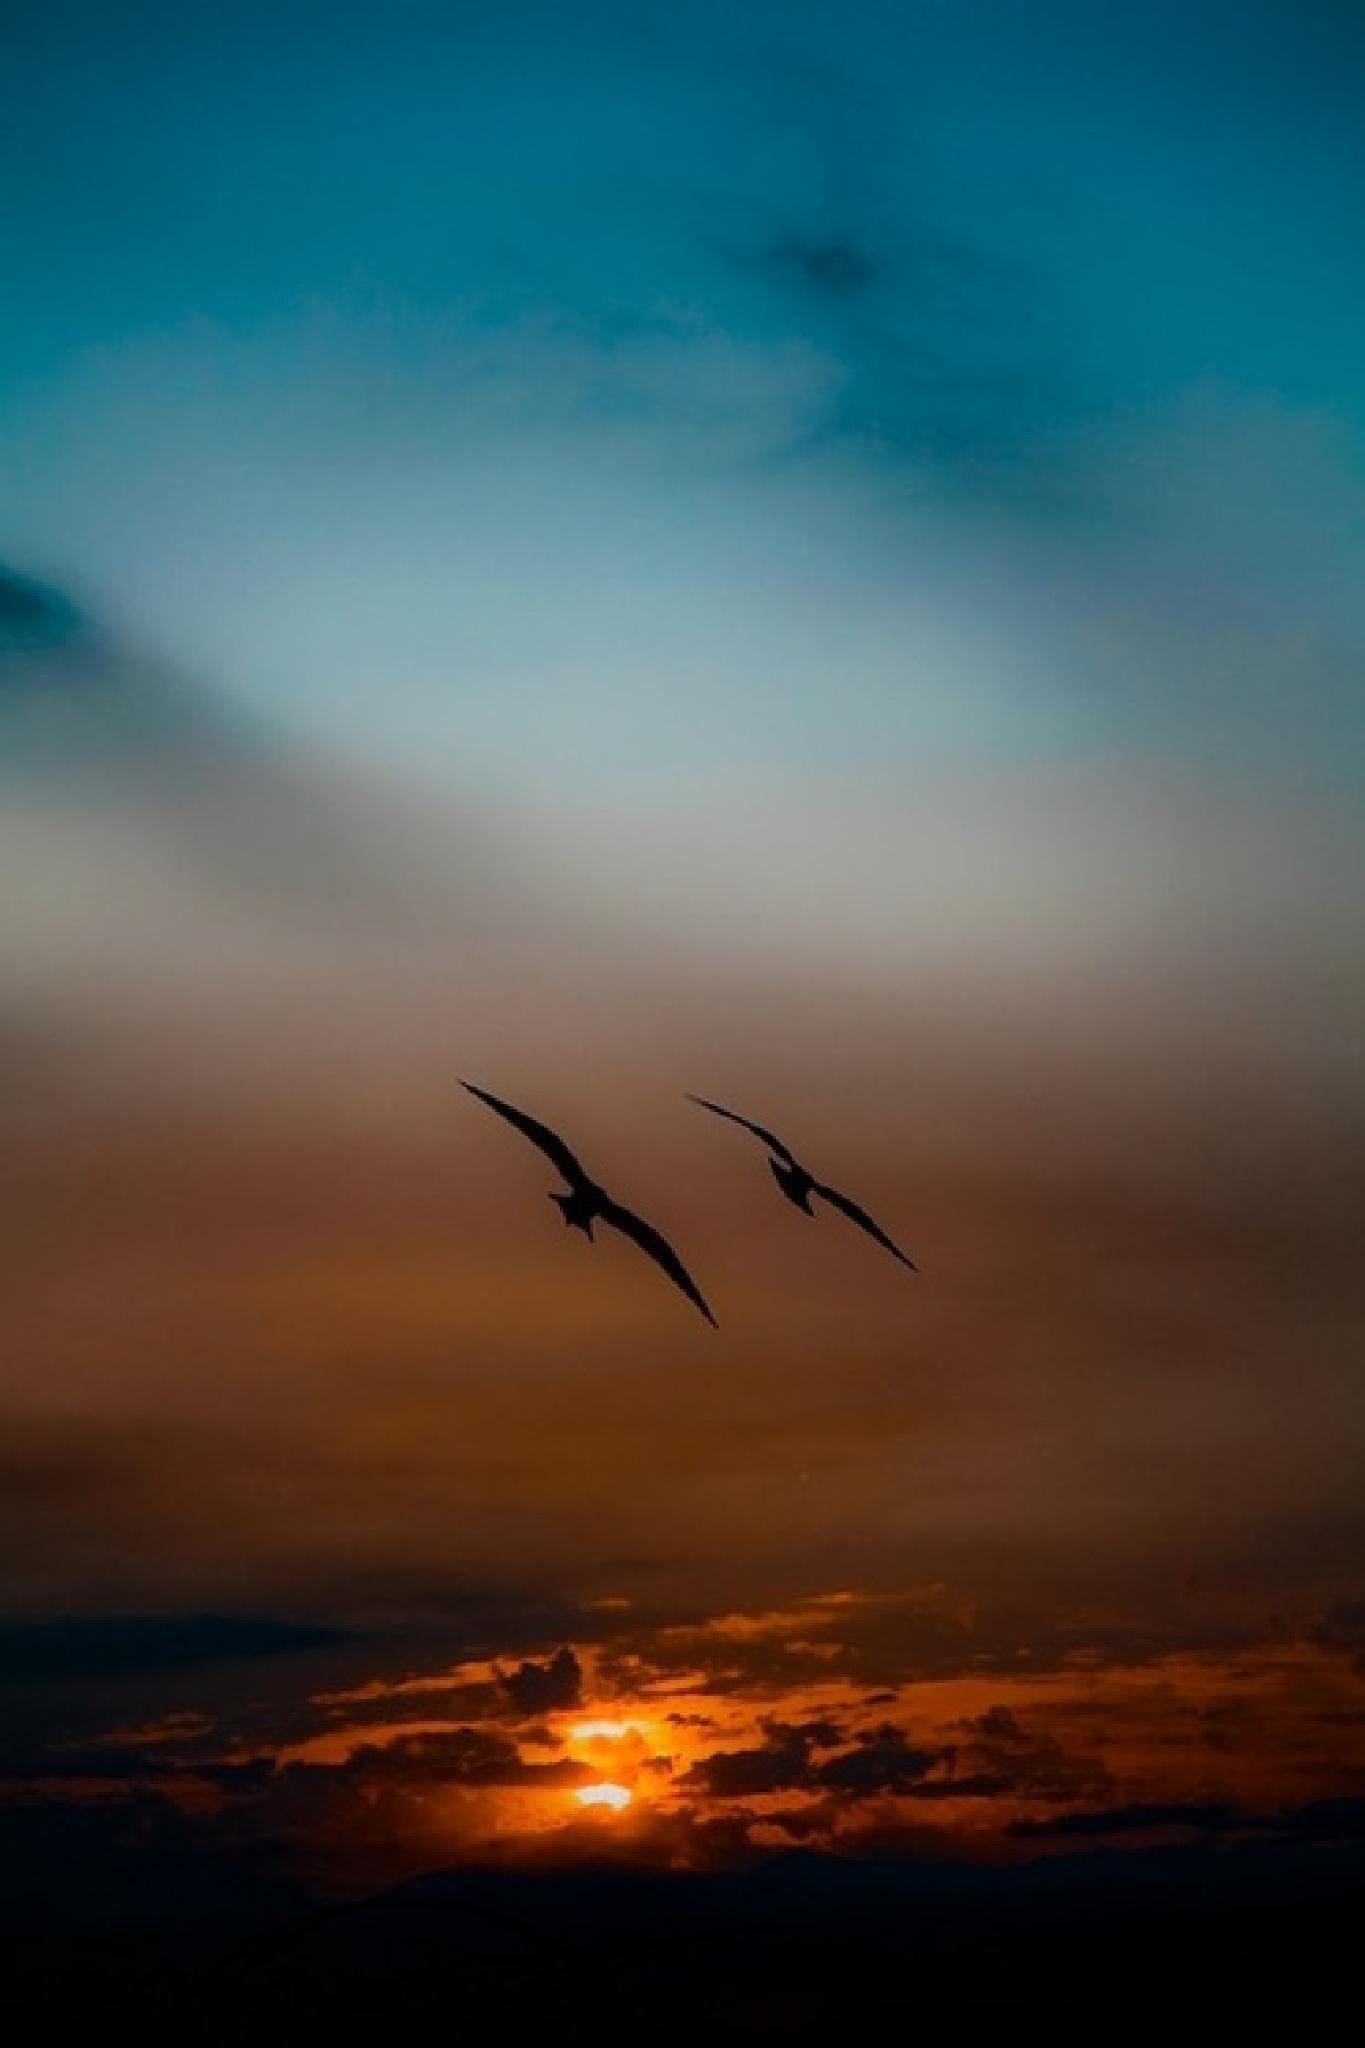 Night Flight by SteveR